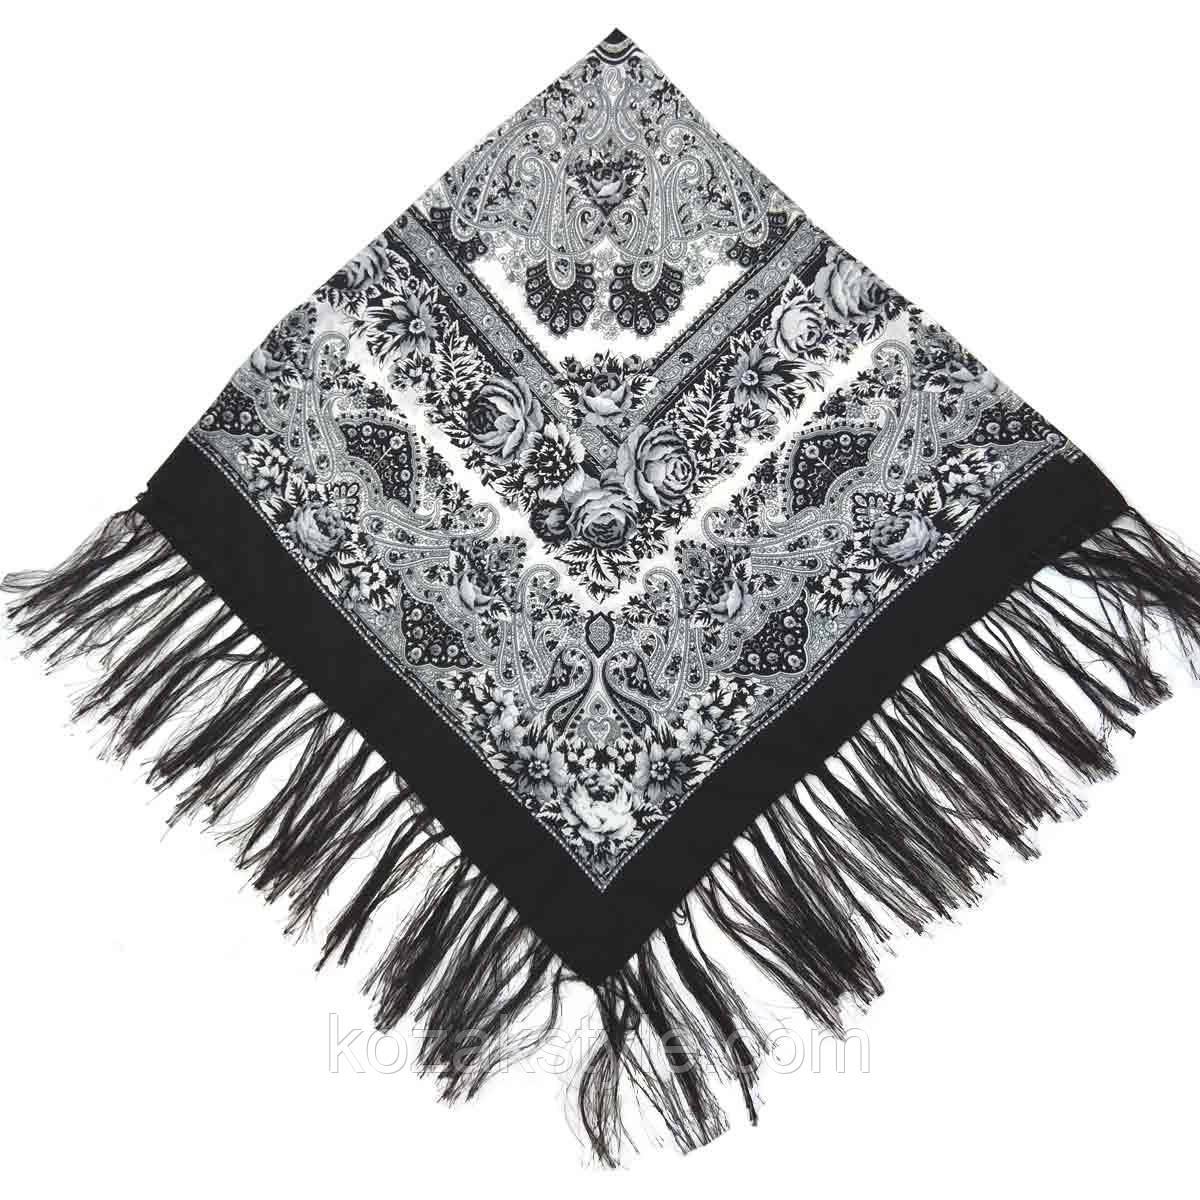 Хустка народна 120х120 чорно-сіра